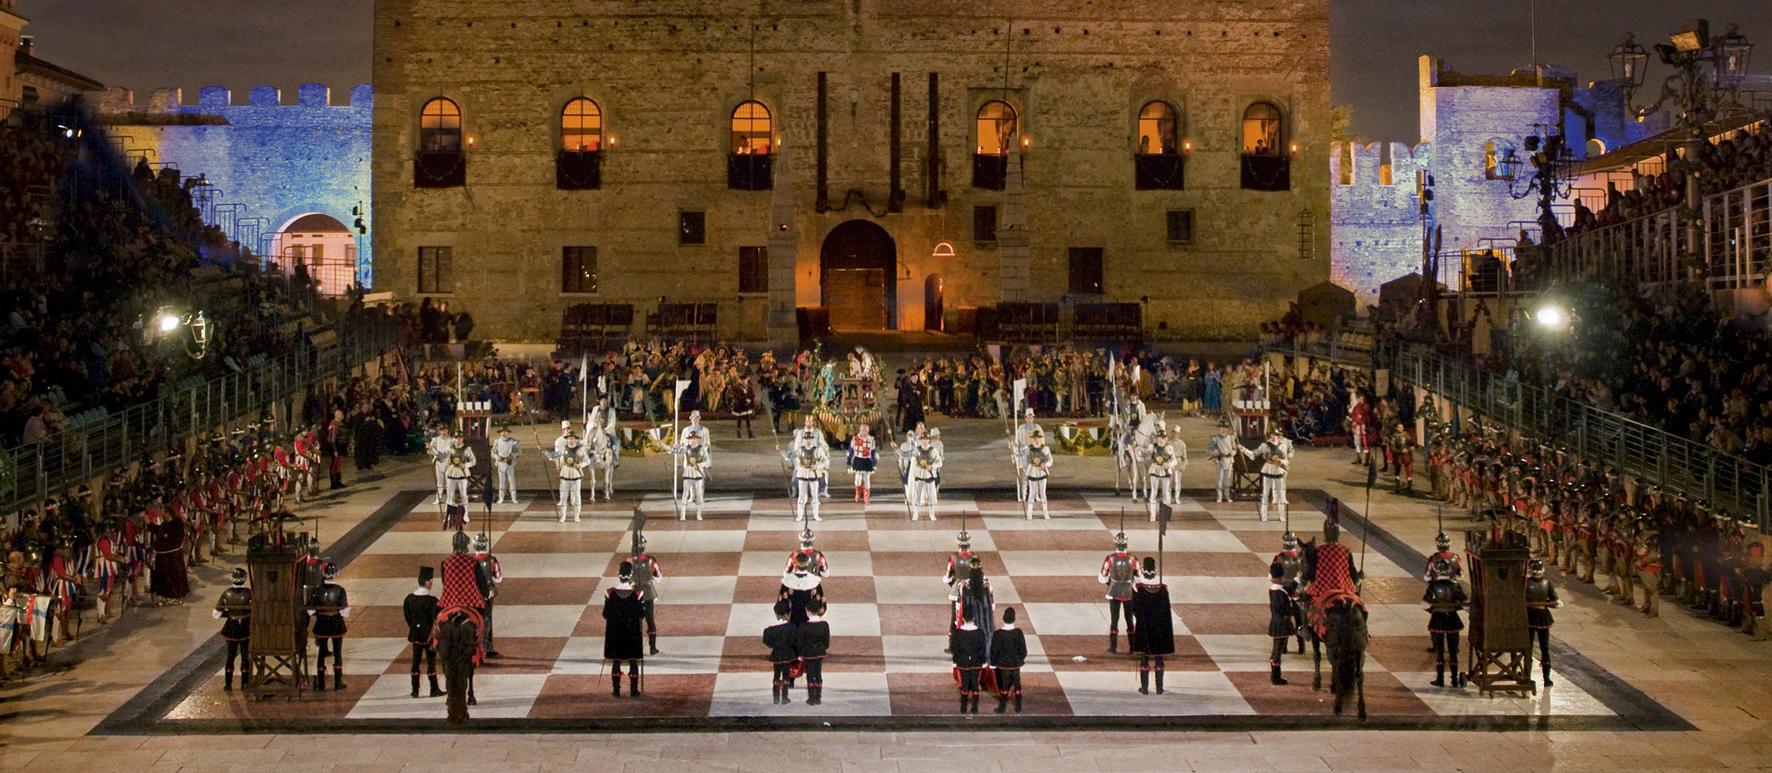 la-partita-a-scacchi-di-marostica-secret-world